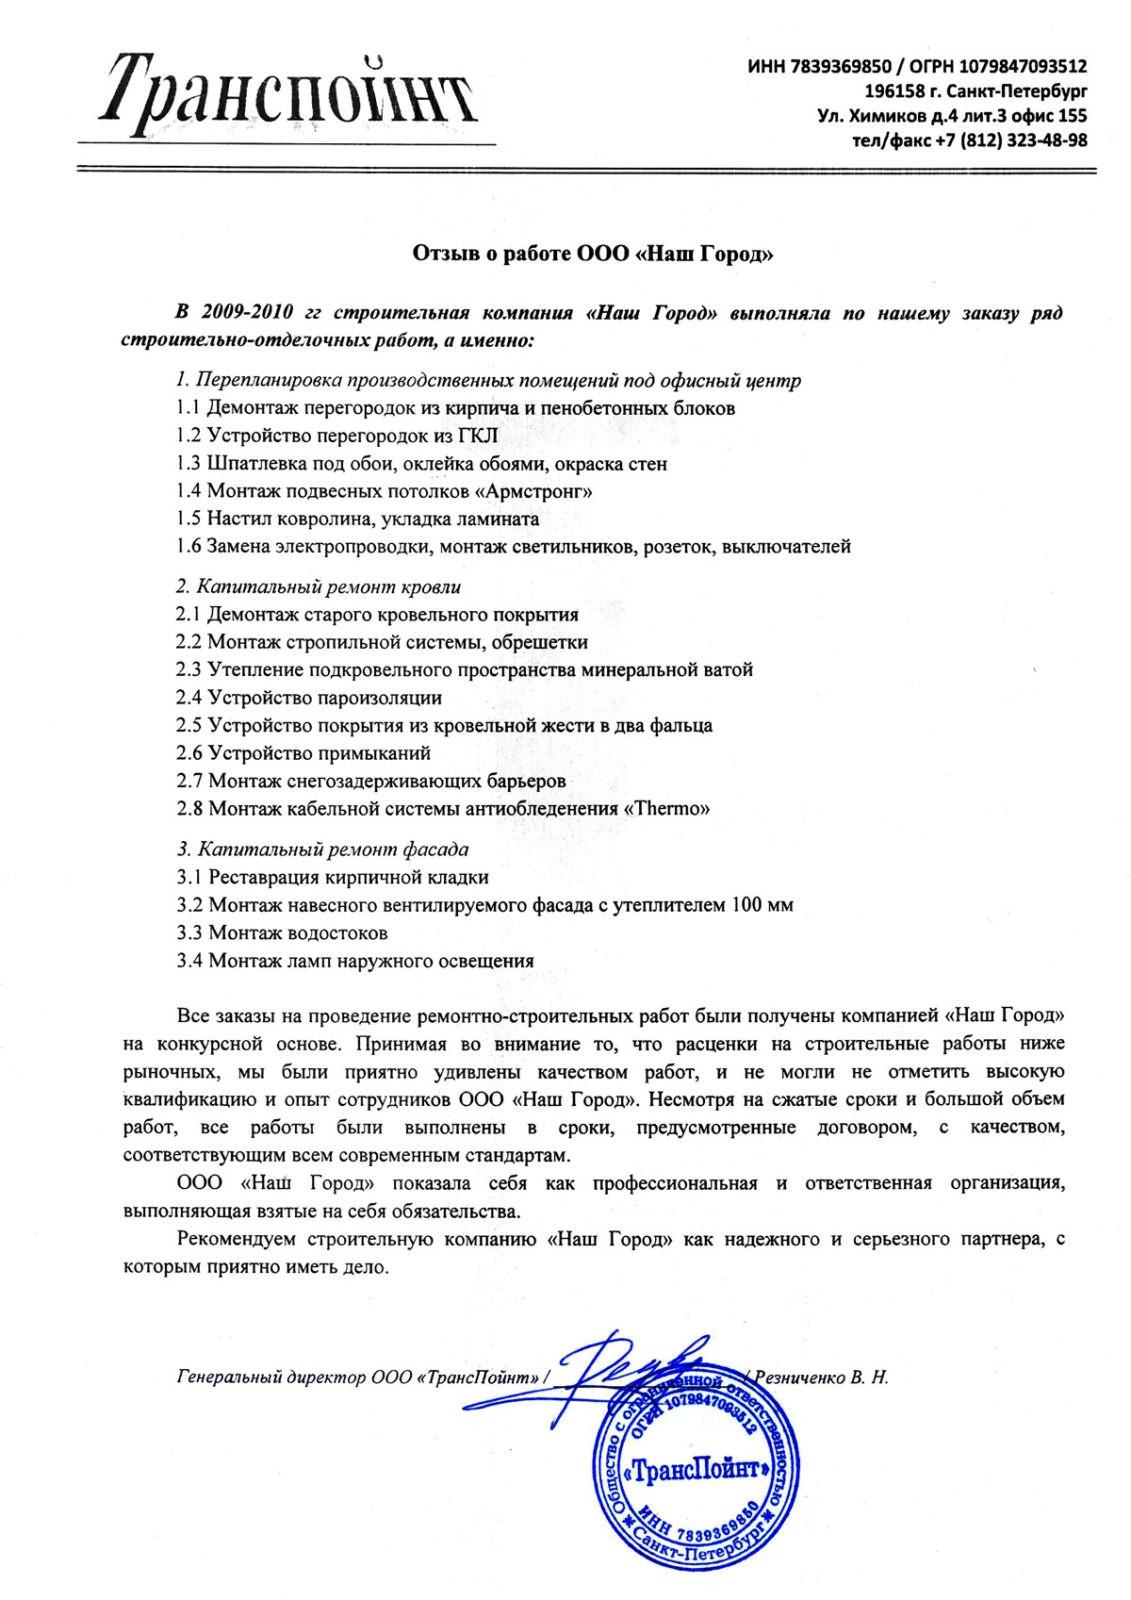 """Отзыв Транспойнт о работе ООО """"Наш город"""""""